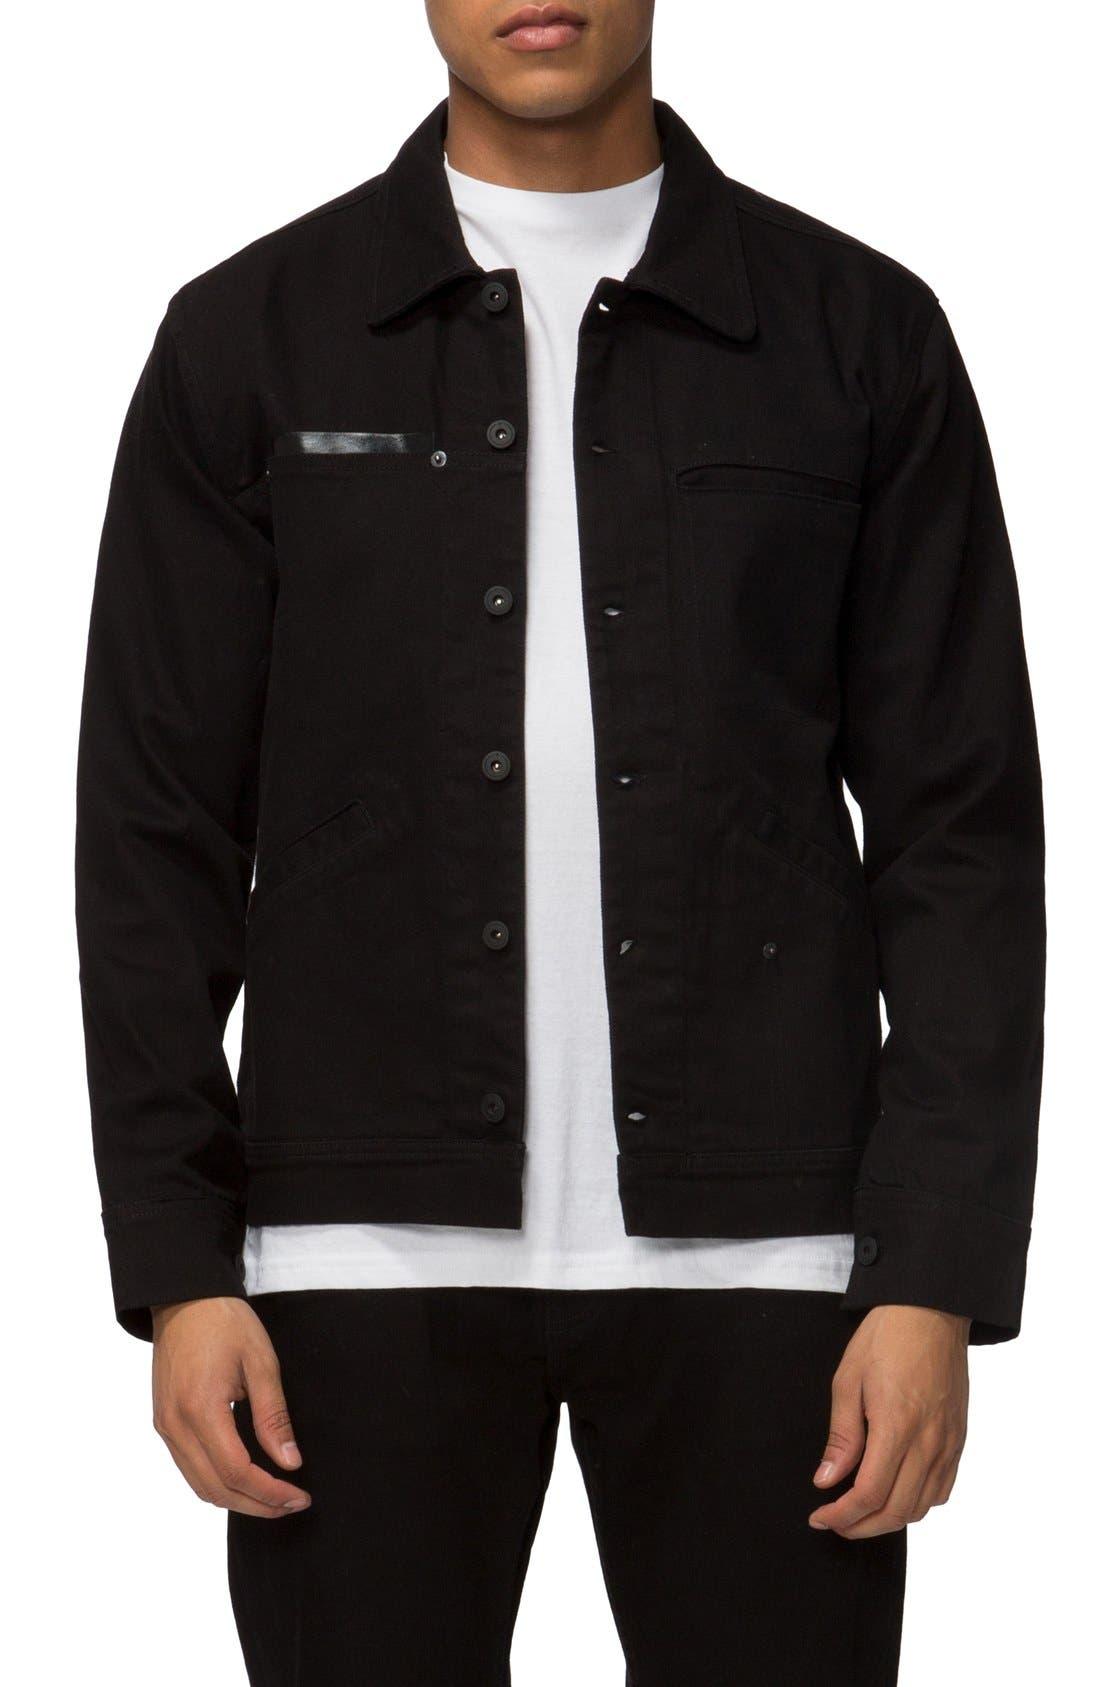 TAVIK 'Sutter' Denim Work Jacket